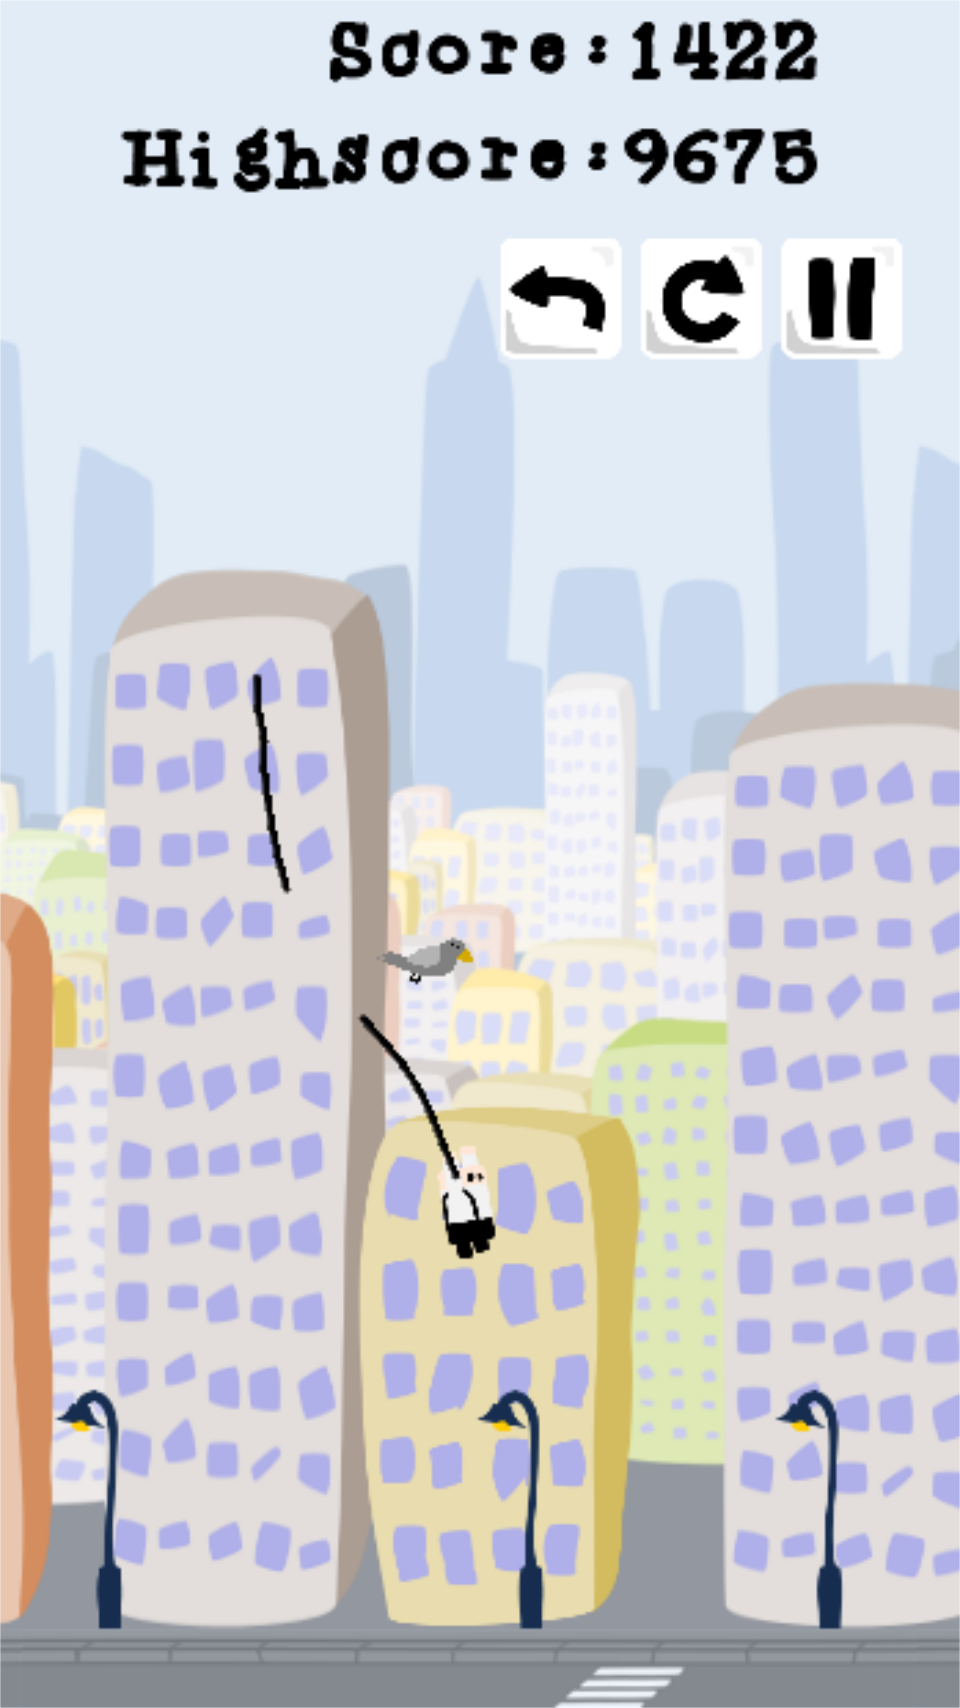 Создание мобильной игры в Construct 2. Путь неопытного / Хабрахабр